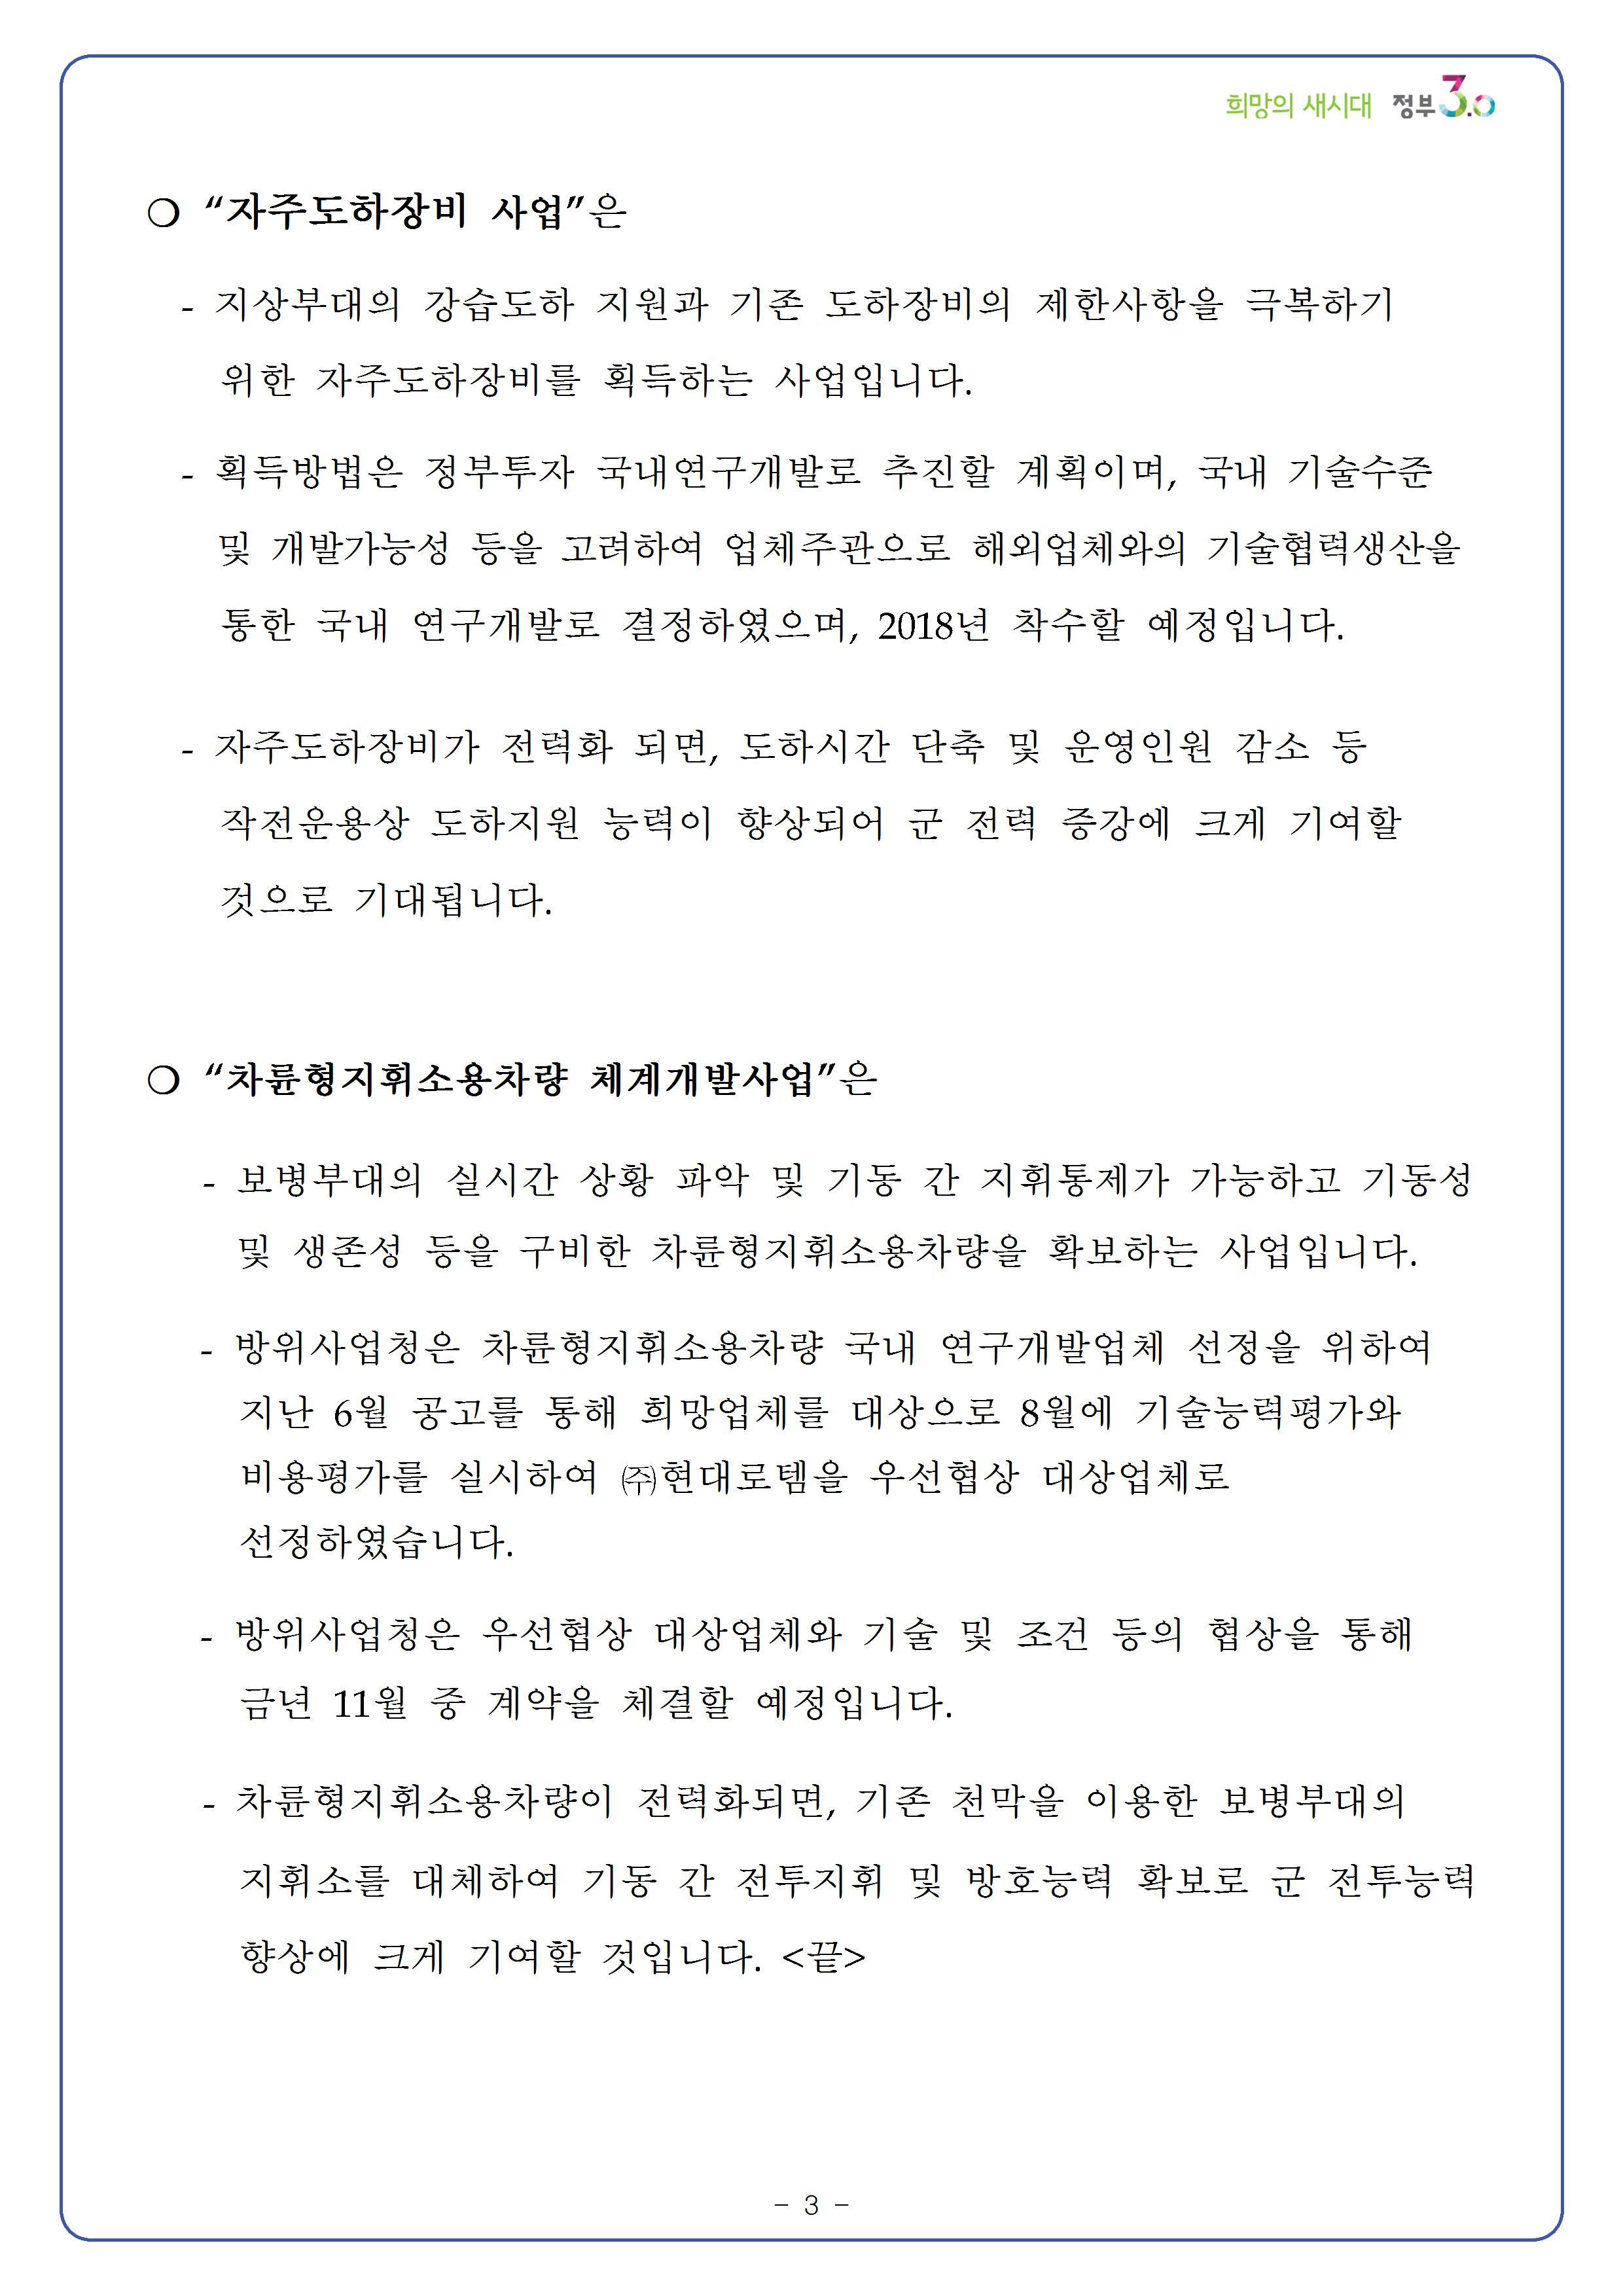 20160930 제96회 방위사업추진위원회 개최 결과003.png